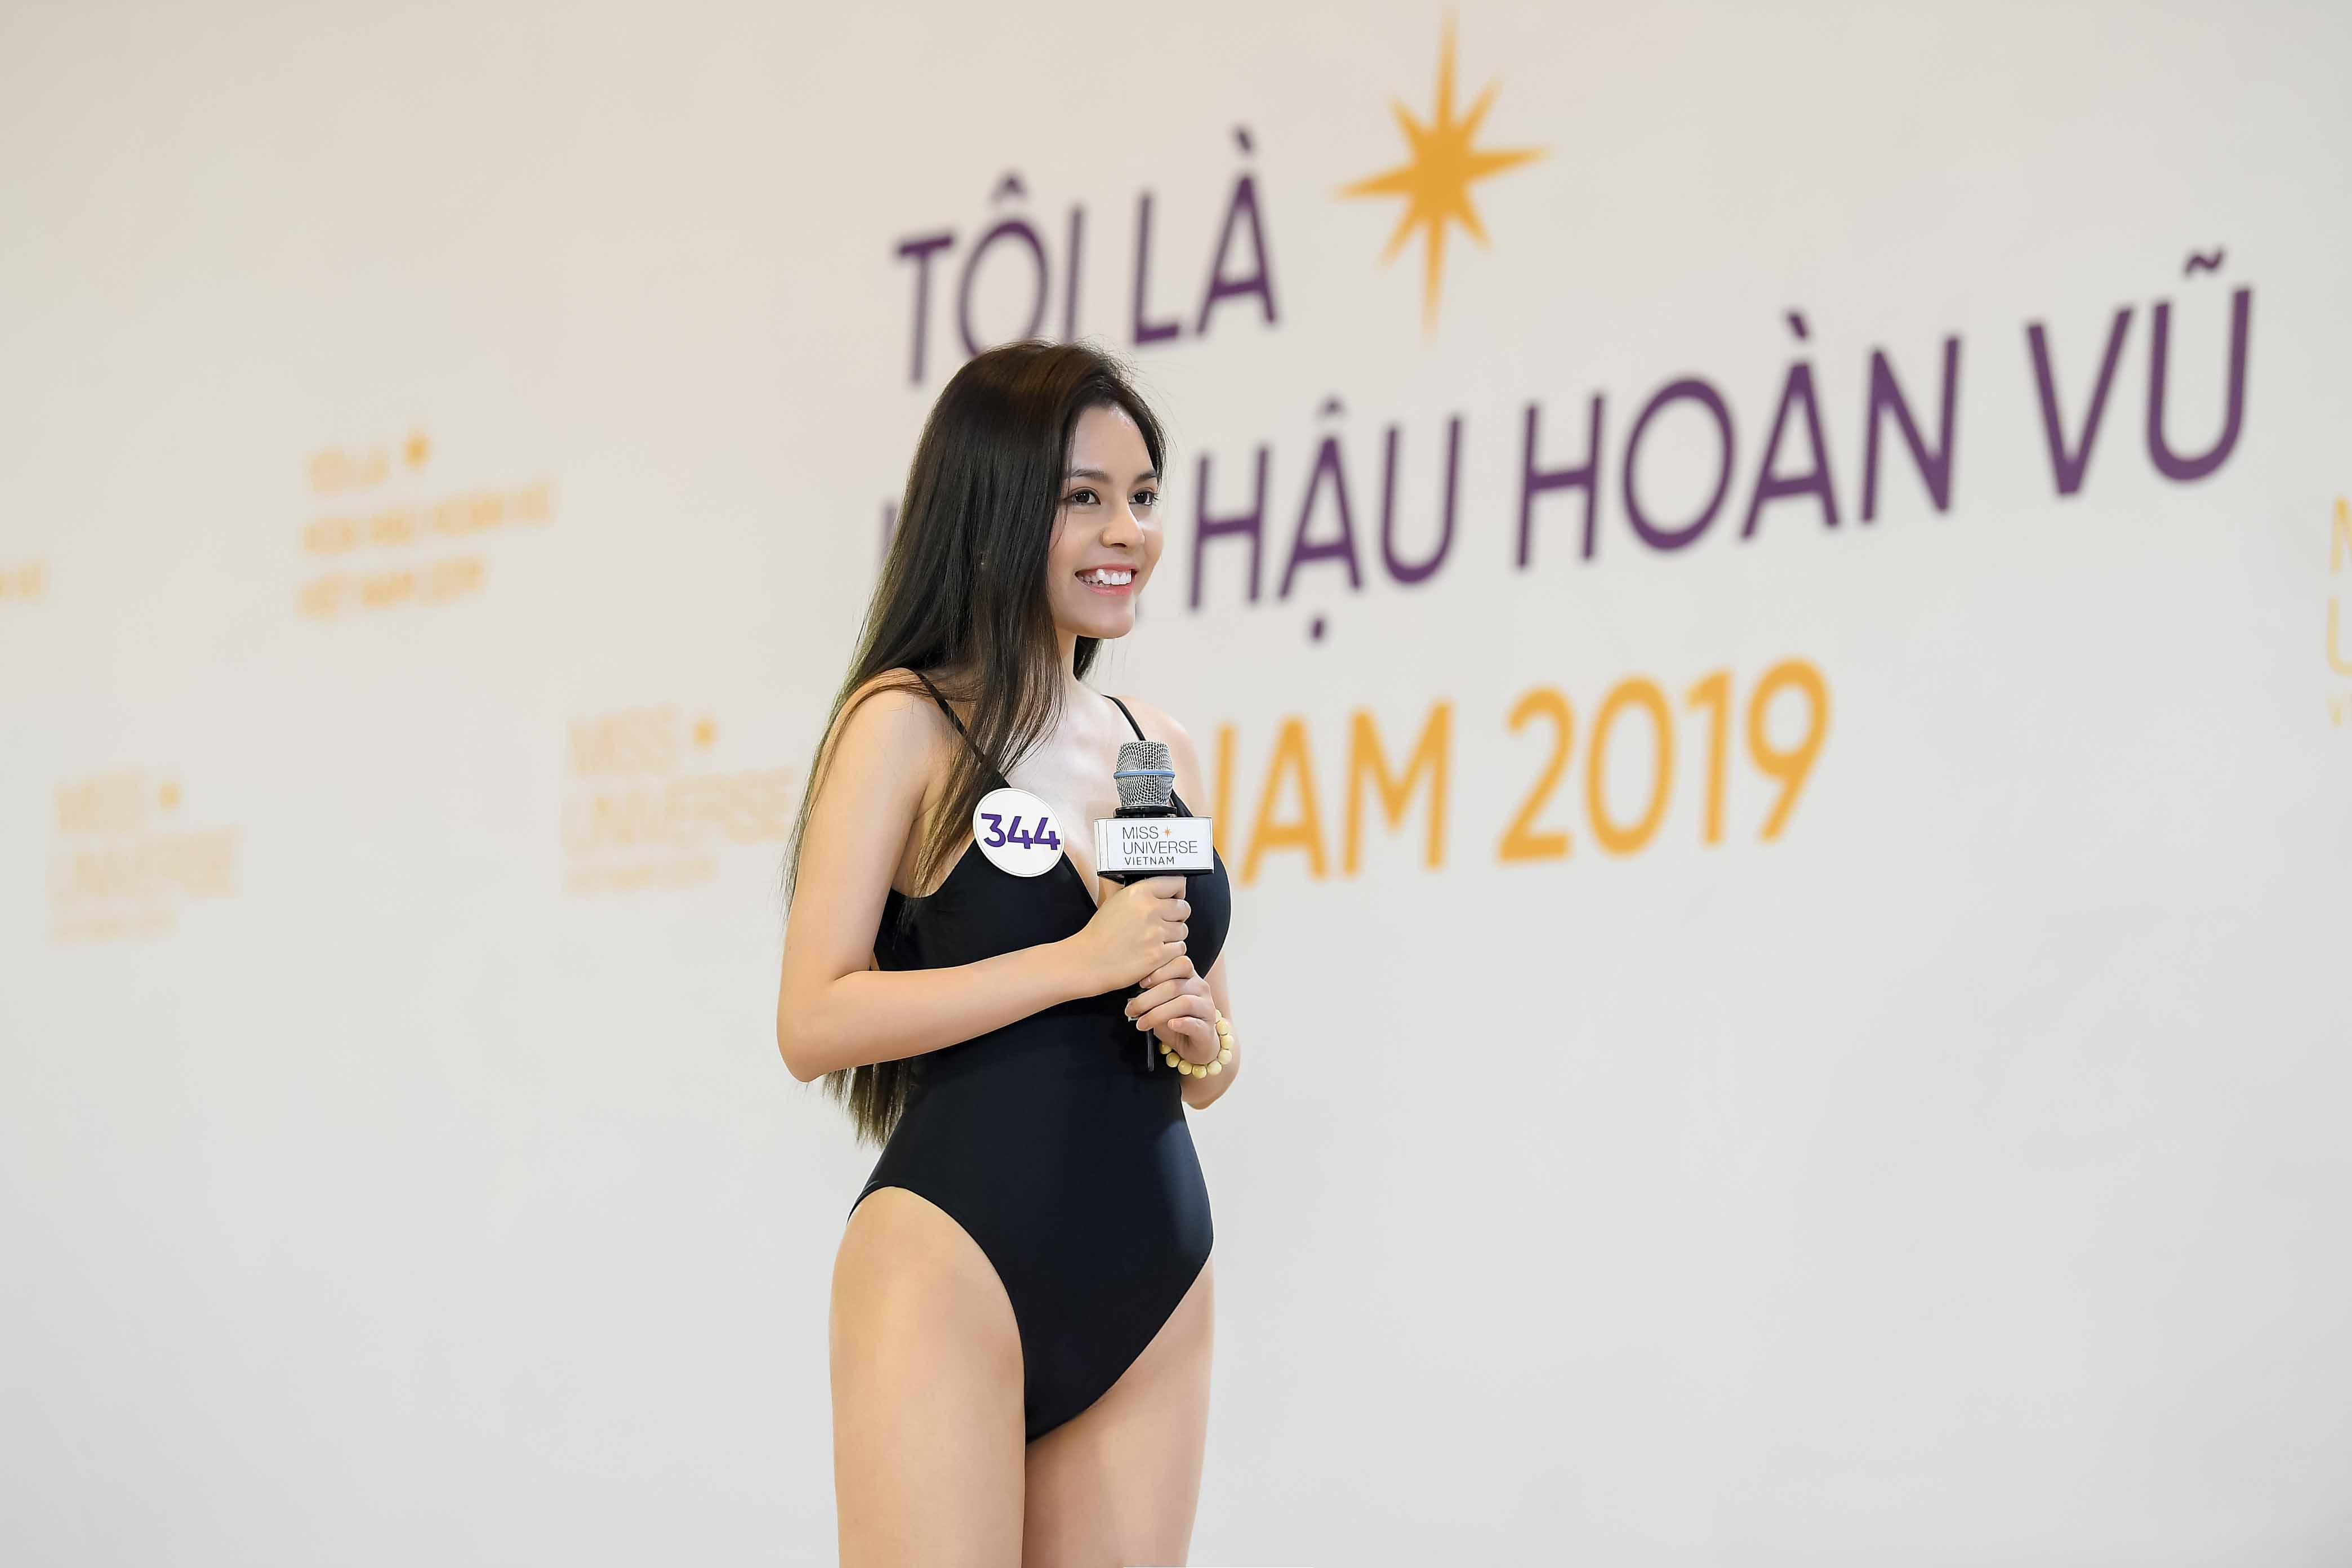 Phan thi trinh dien bikini (17)